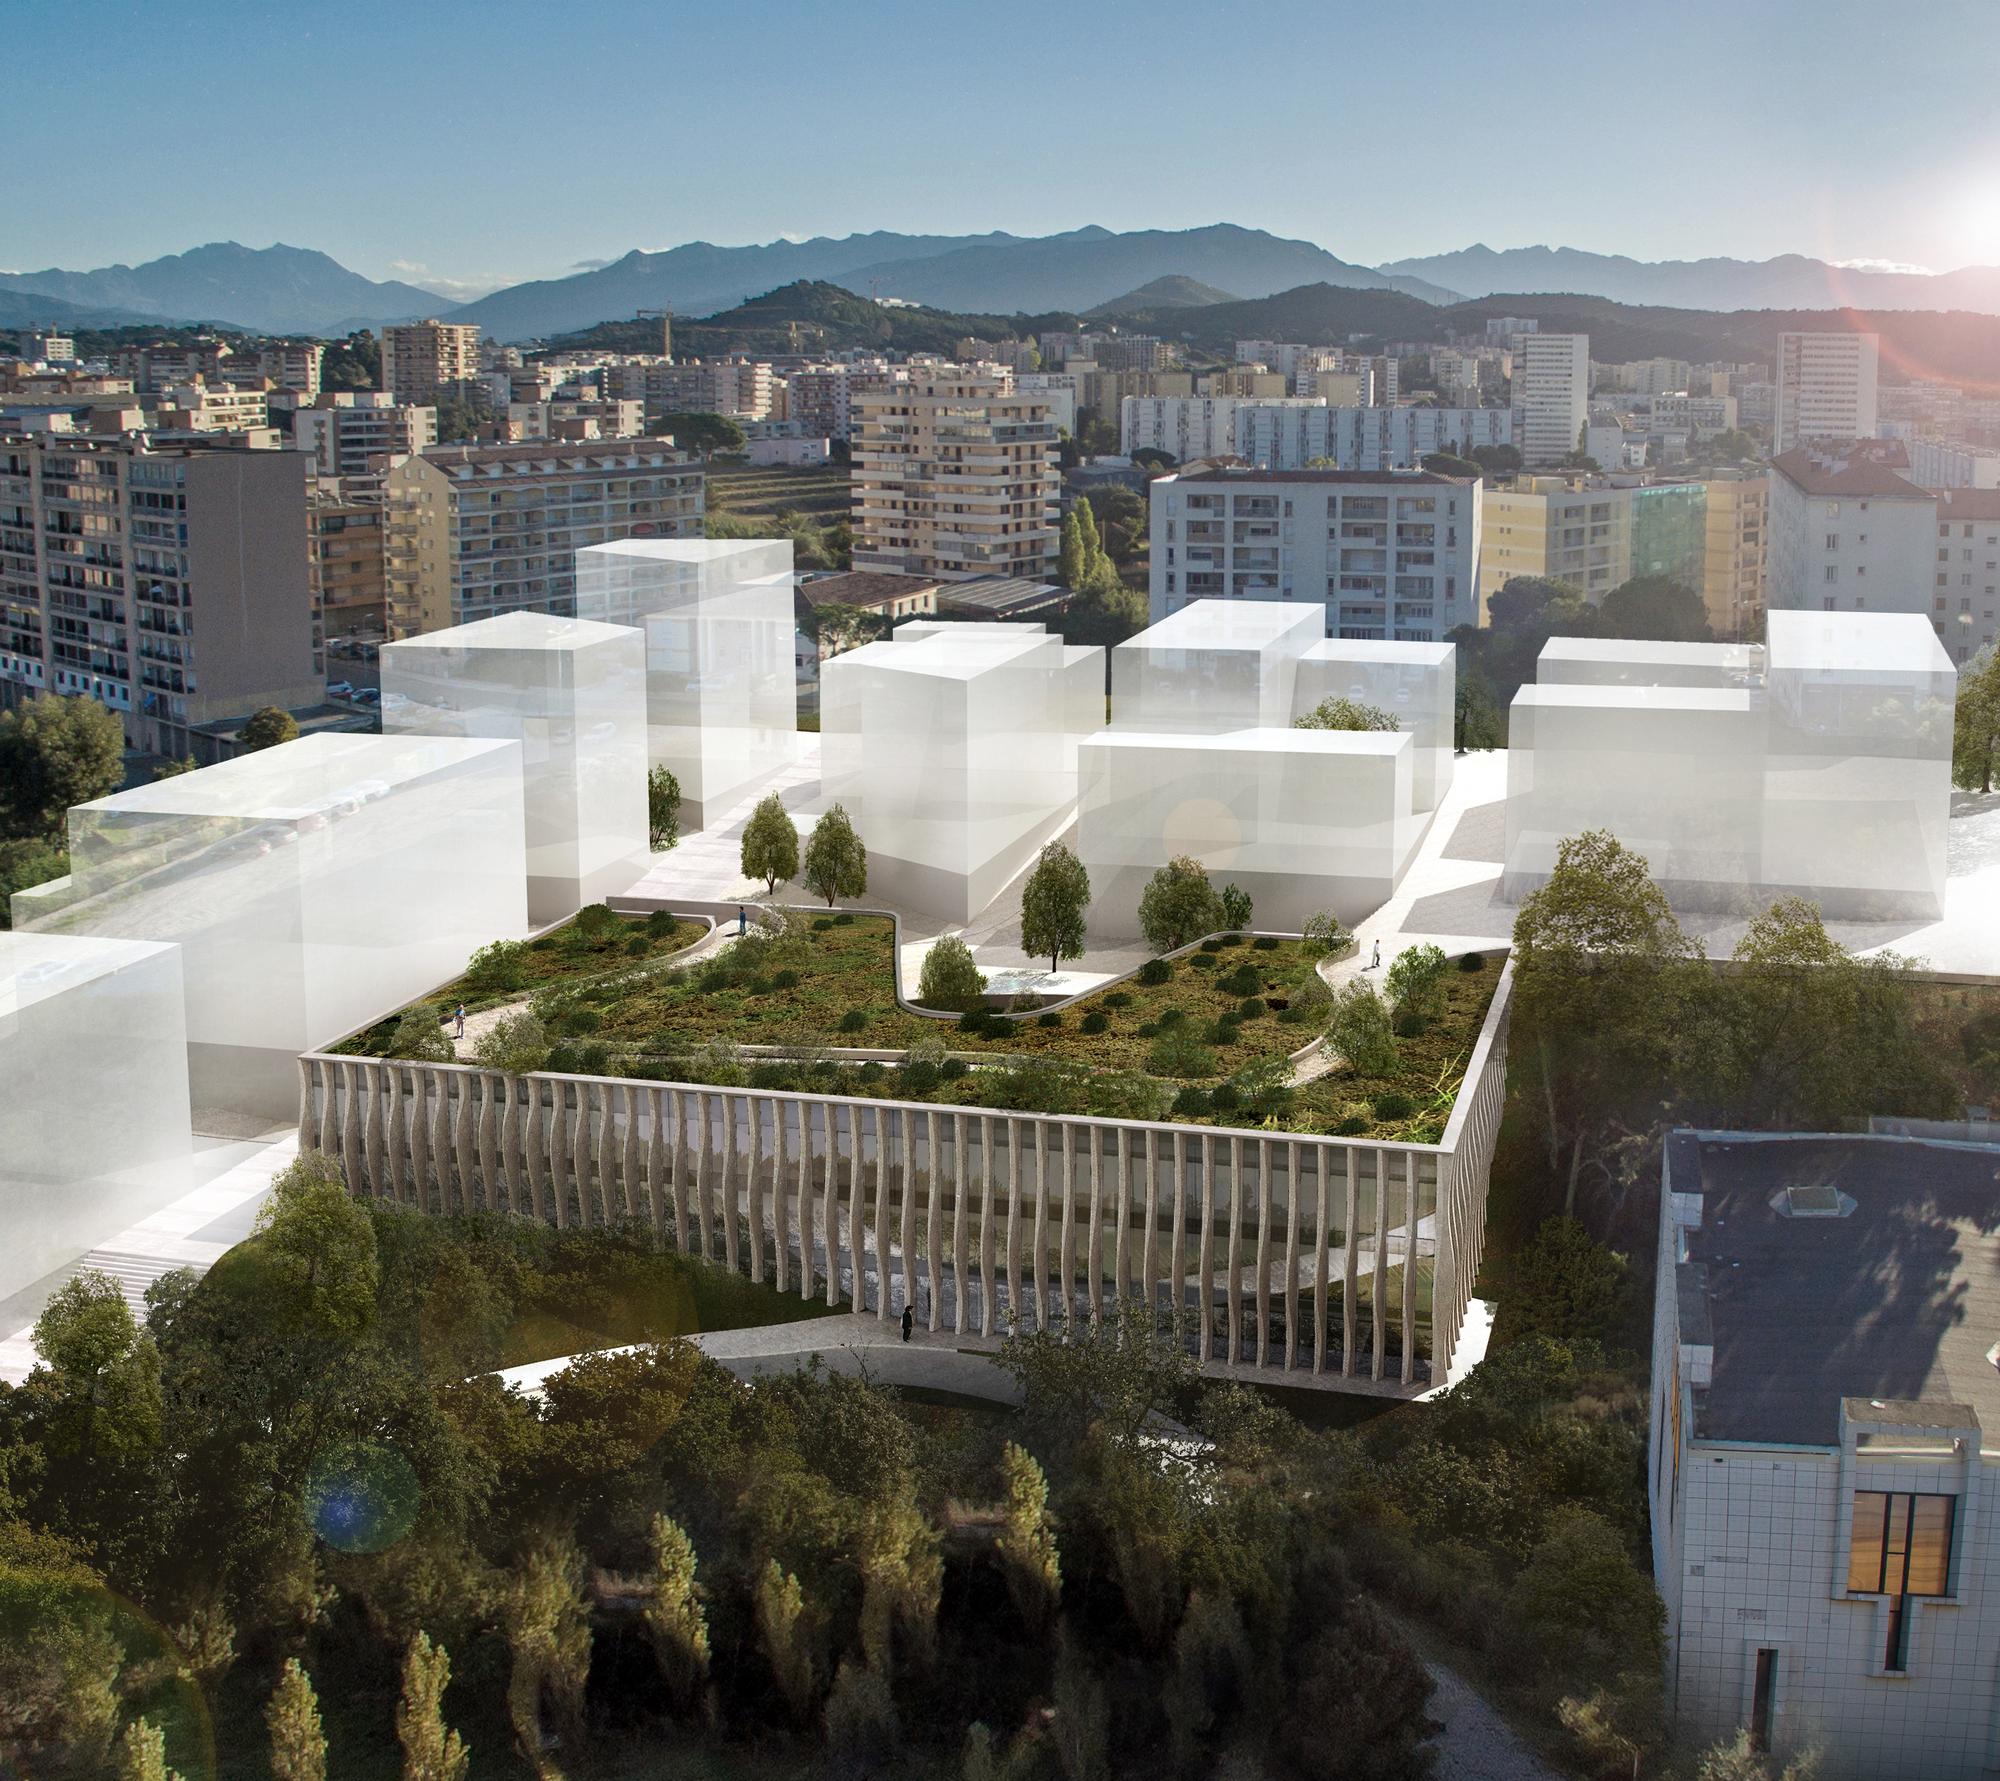 Rudy Ricciotti Amelia Tavella Design The Ajaccio Conservatory Of Music In France Archdaily